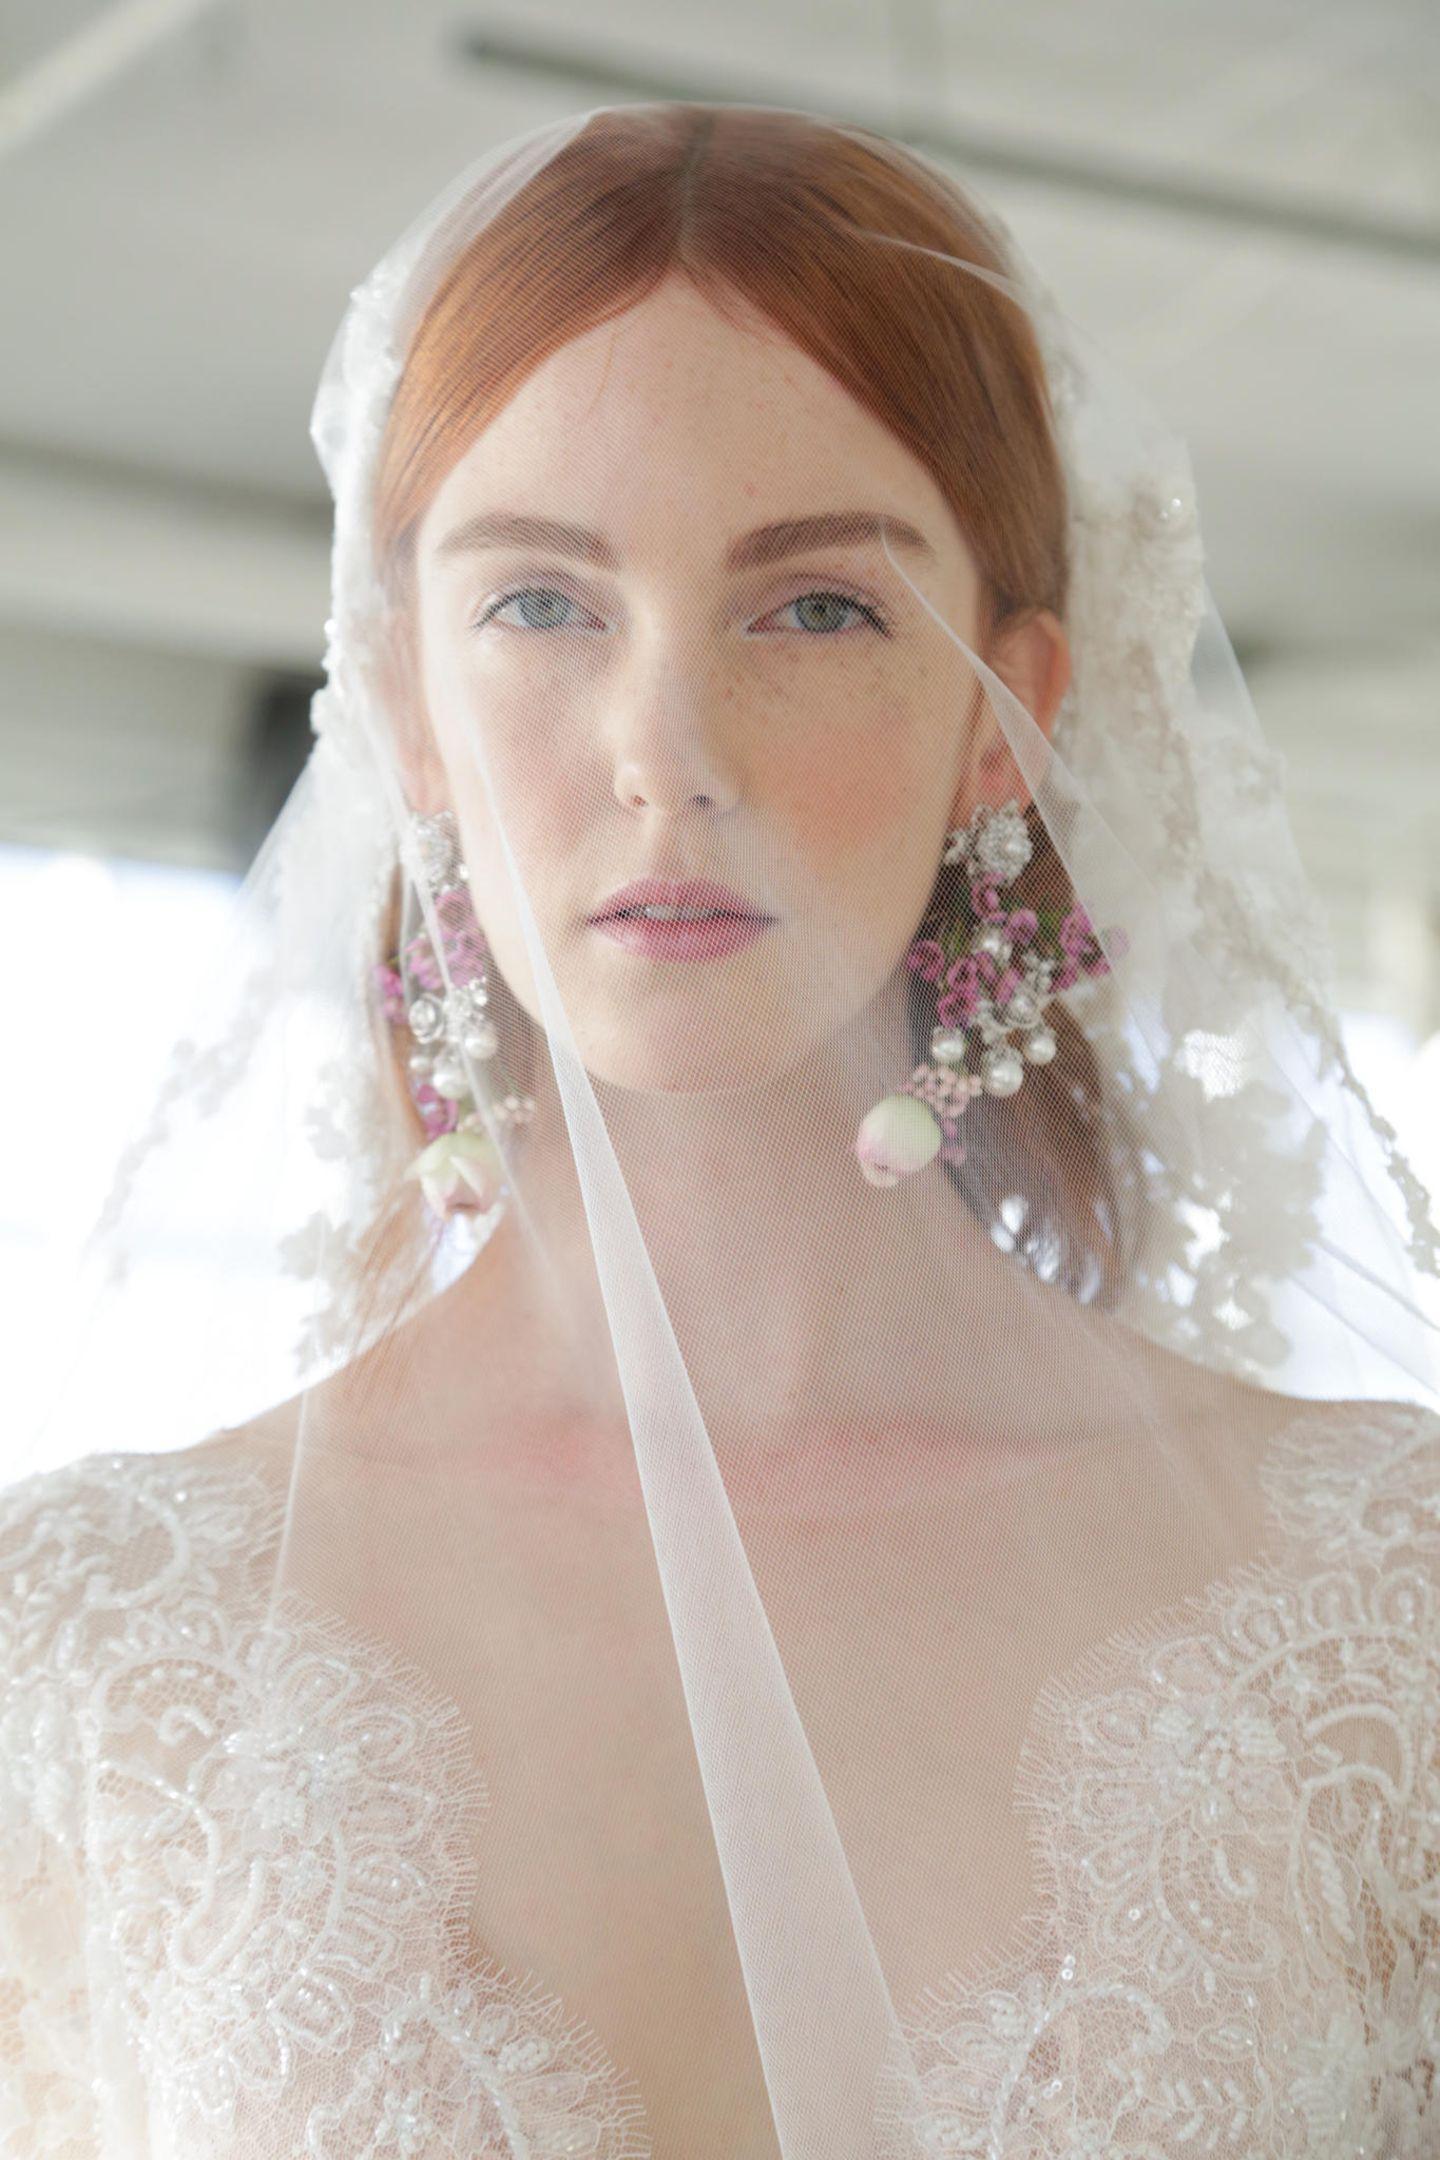 Brautfrisur mit Schleier: Braut mit Schleier und Ohrringen